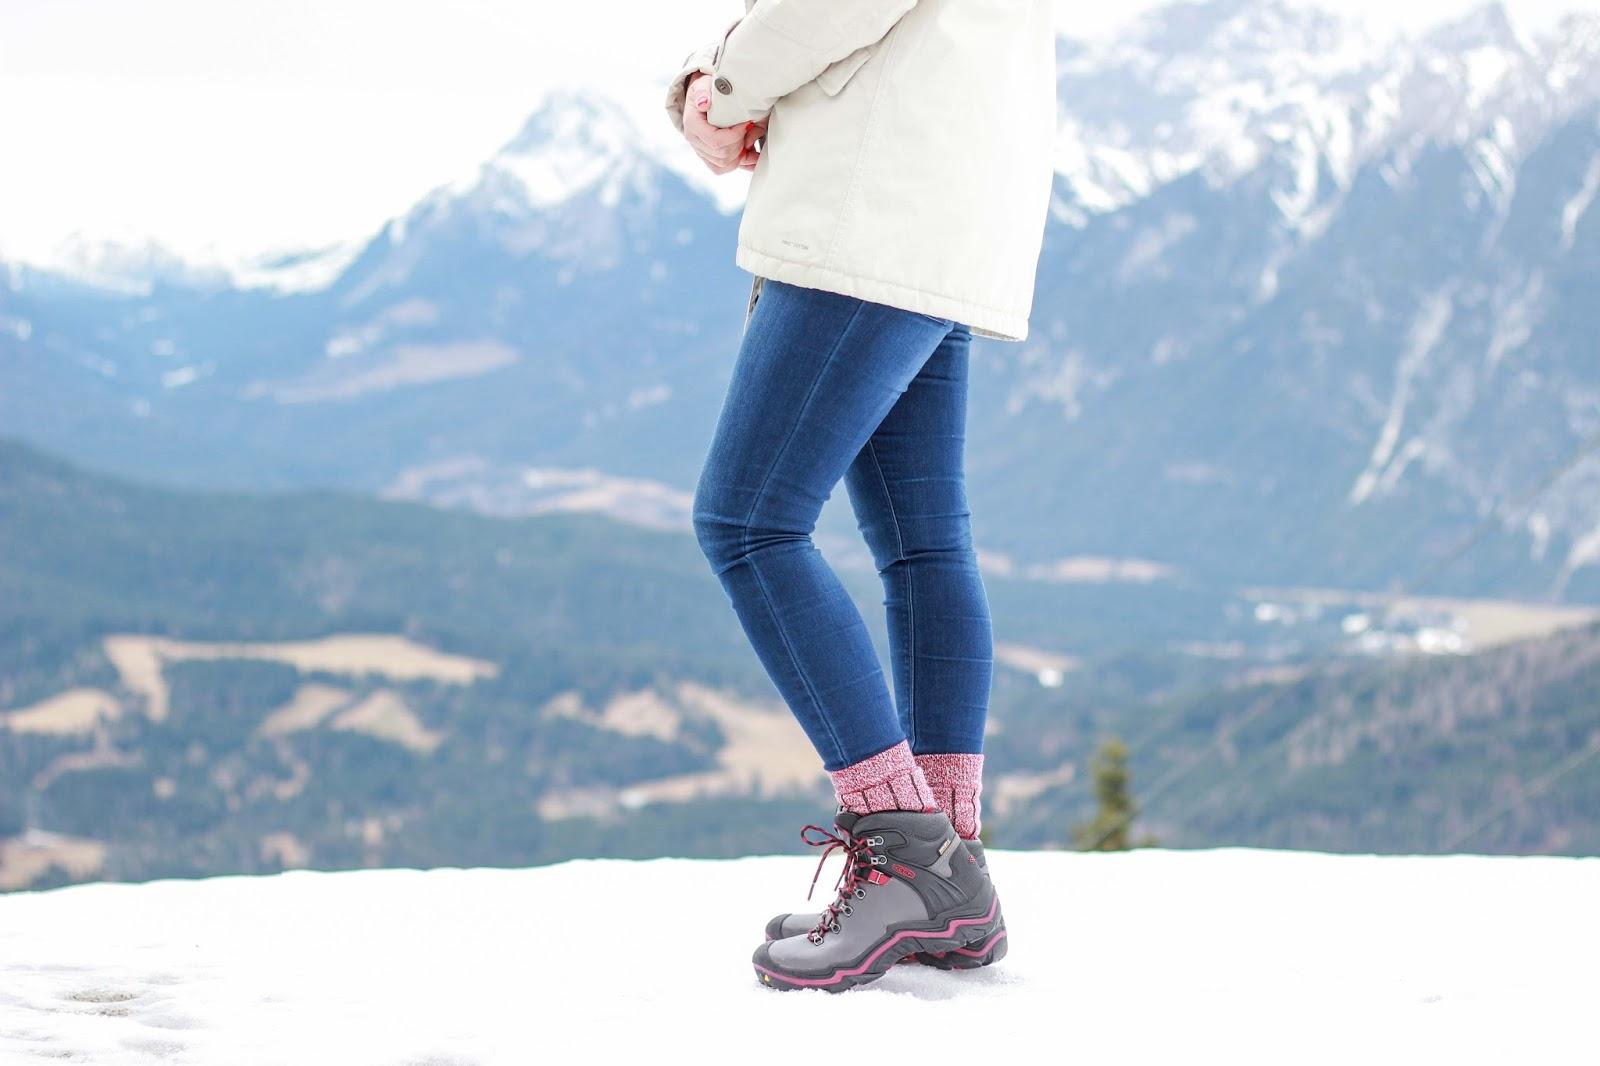 Fashionblogger aus Deutschland - Outdoor Blogger - Modeblogger aus Deutschland - Liberty Ridge EU - Keen Schuhe